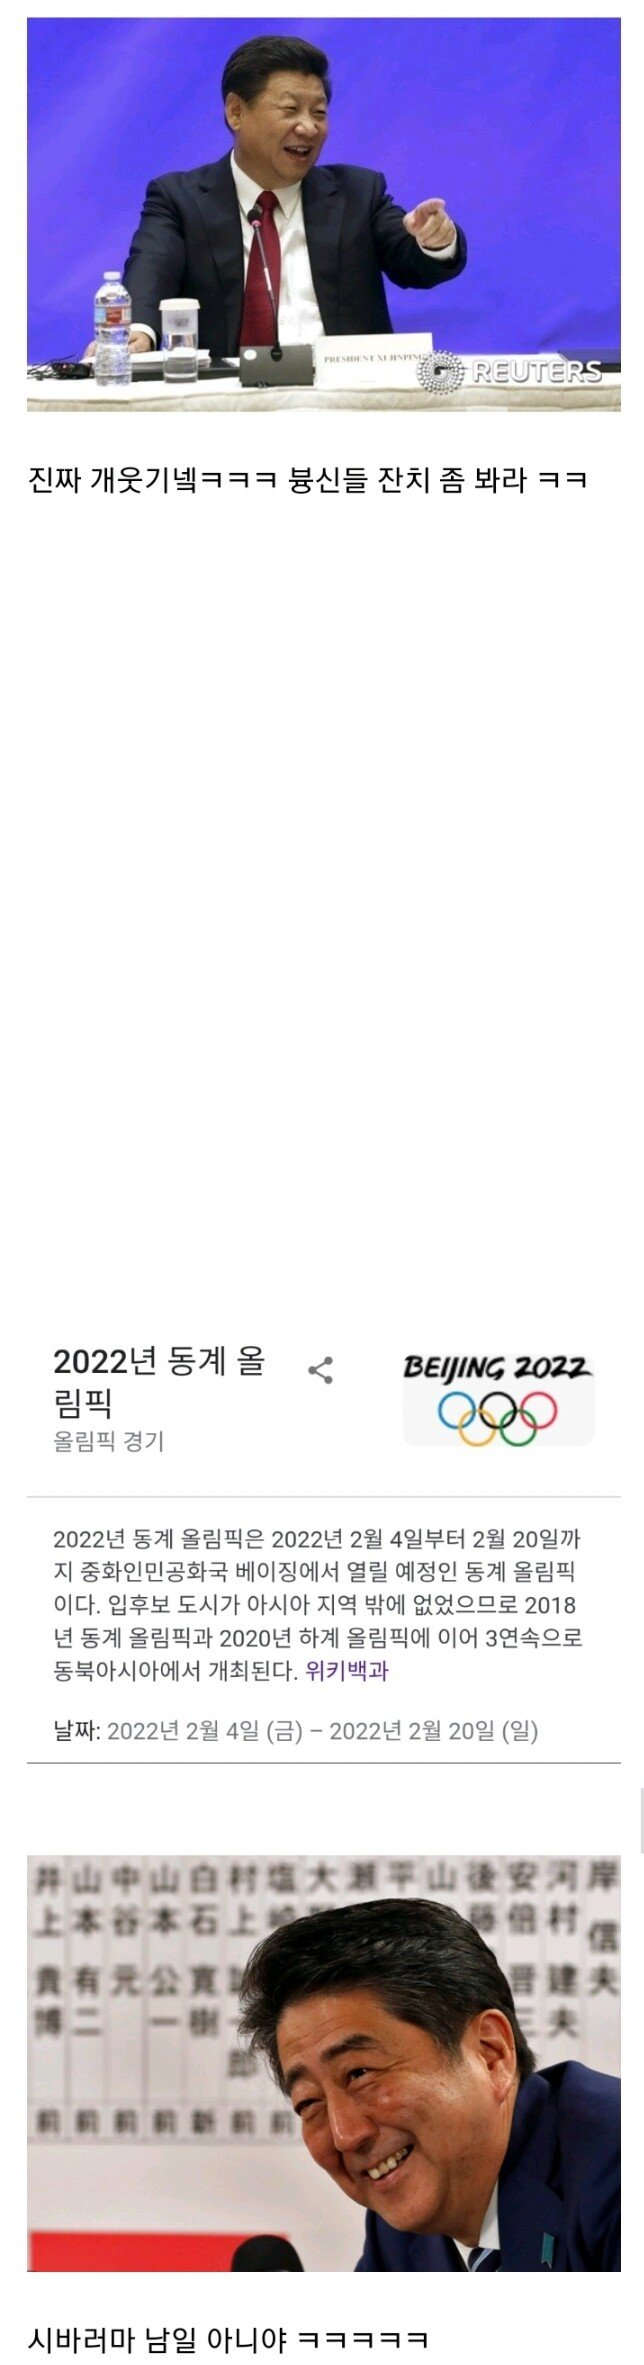 e9d6b1a1859bfd50b86c92224952a050.jpg ㅋㅋㅋ 도쿄올림픽 꼬라지 봐라ㅋㅋㅋ